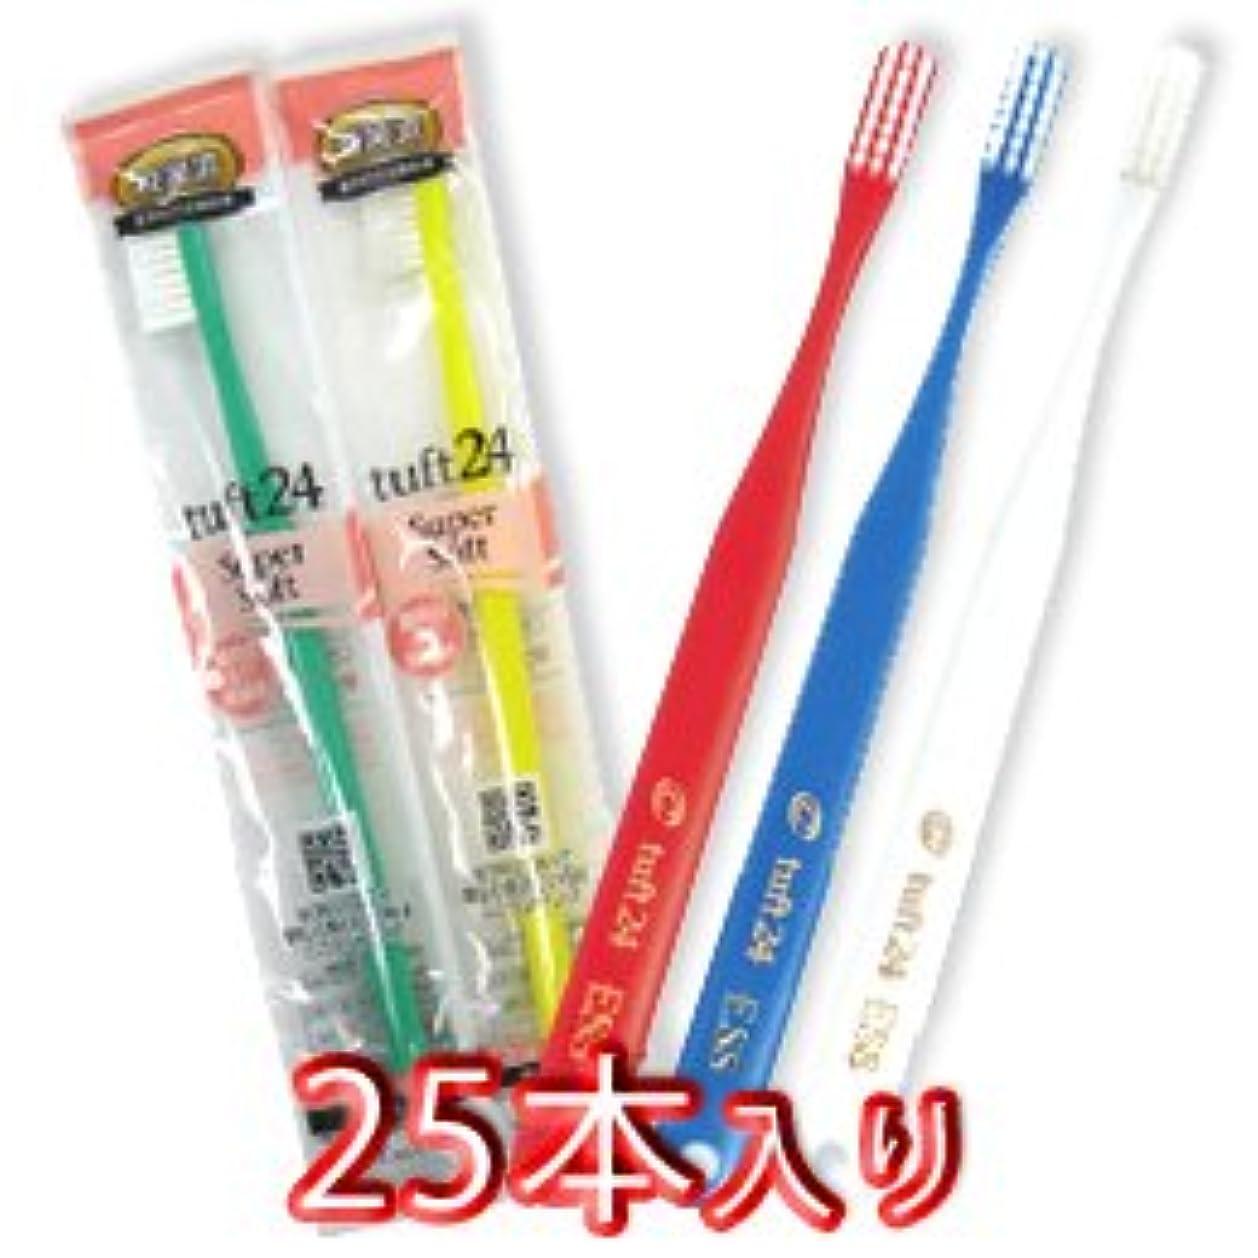 候補者消費襲撃キャップ付き タフト 24 歯ブラシ スーパーソフト 25本 (アソート)